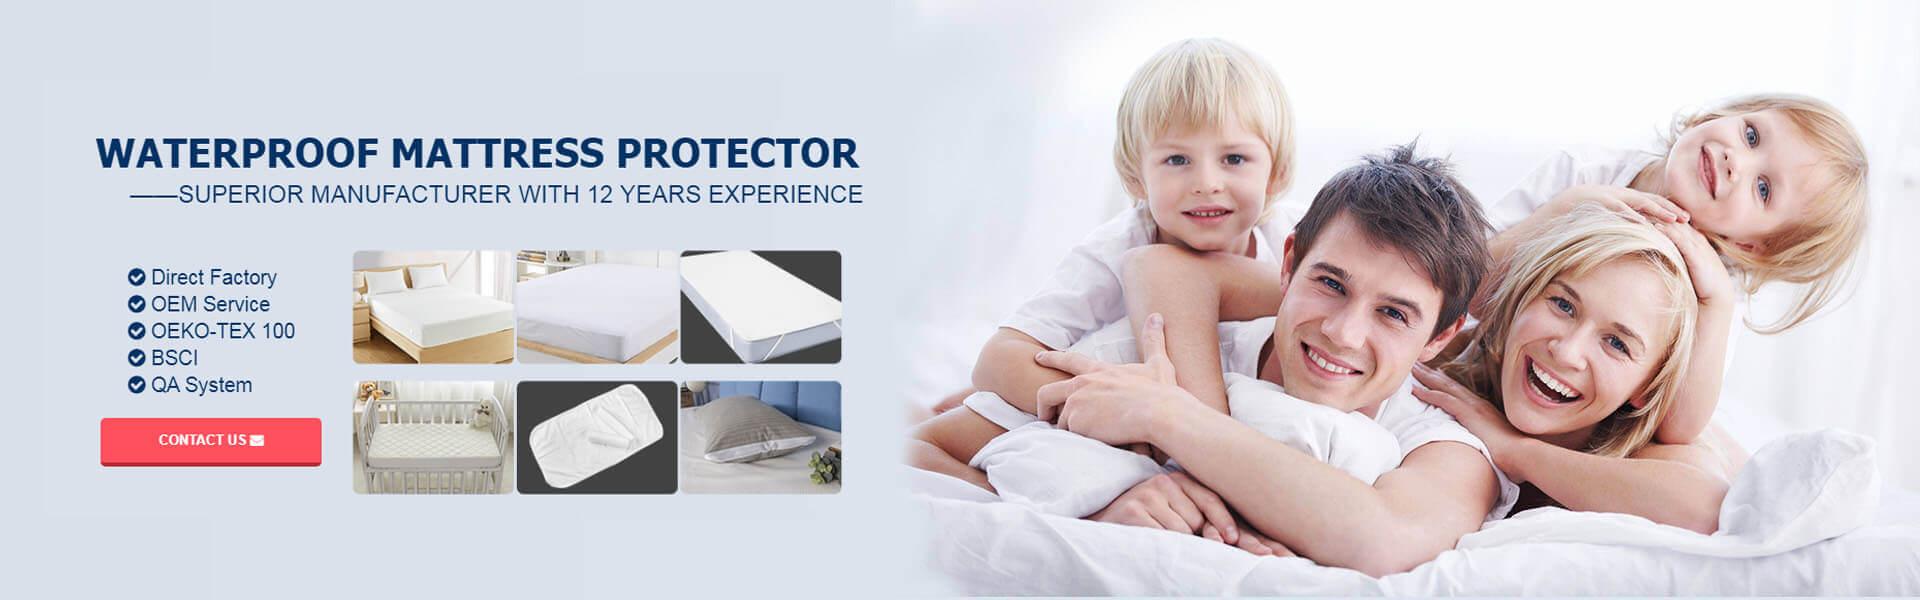 waterproof-mattress-protector-manufacturer2 (2)